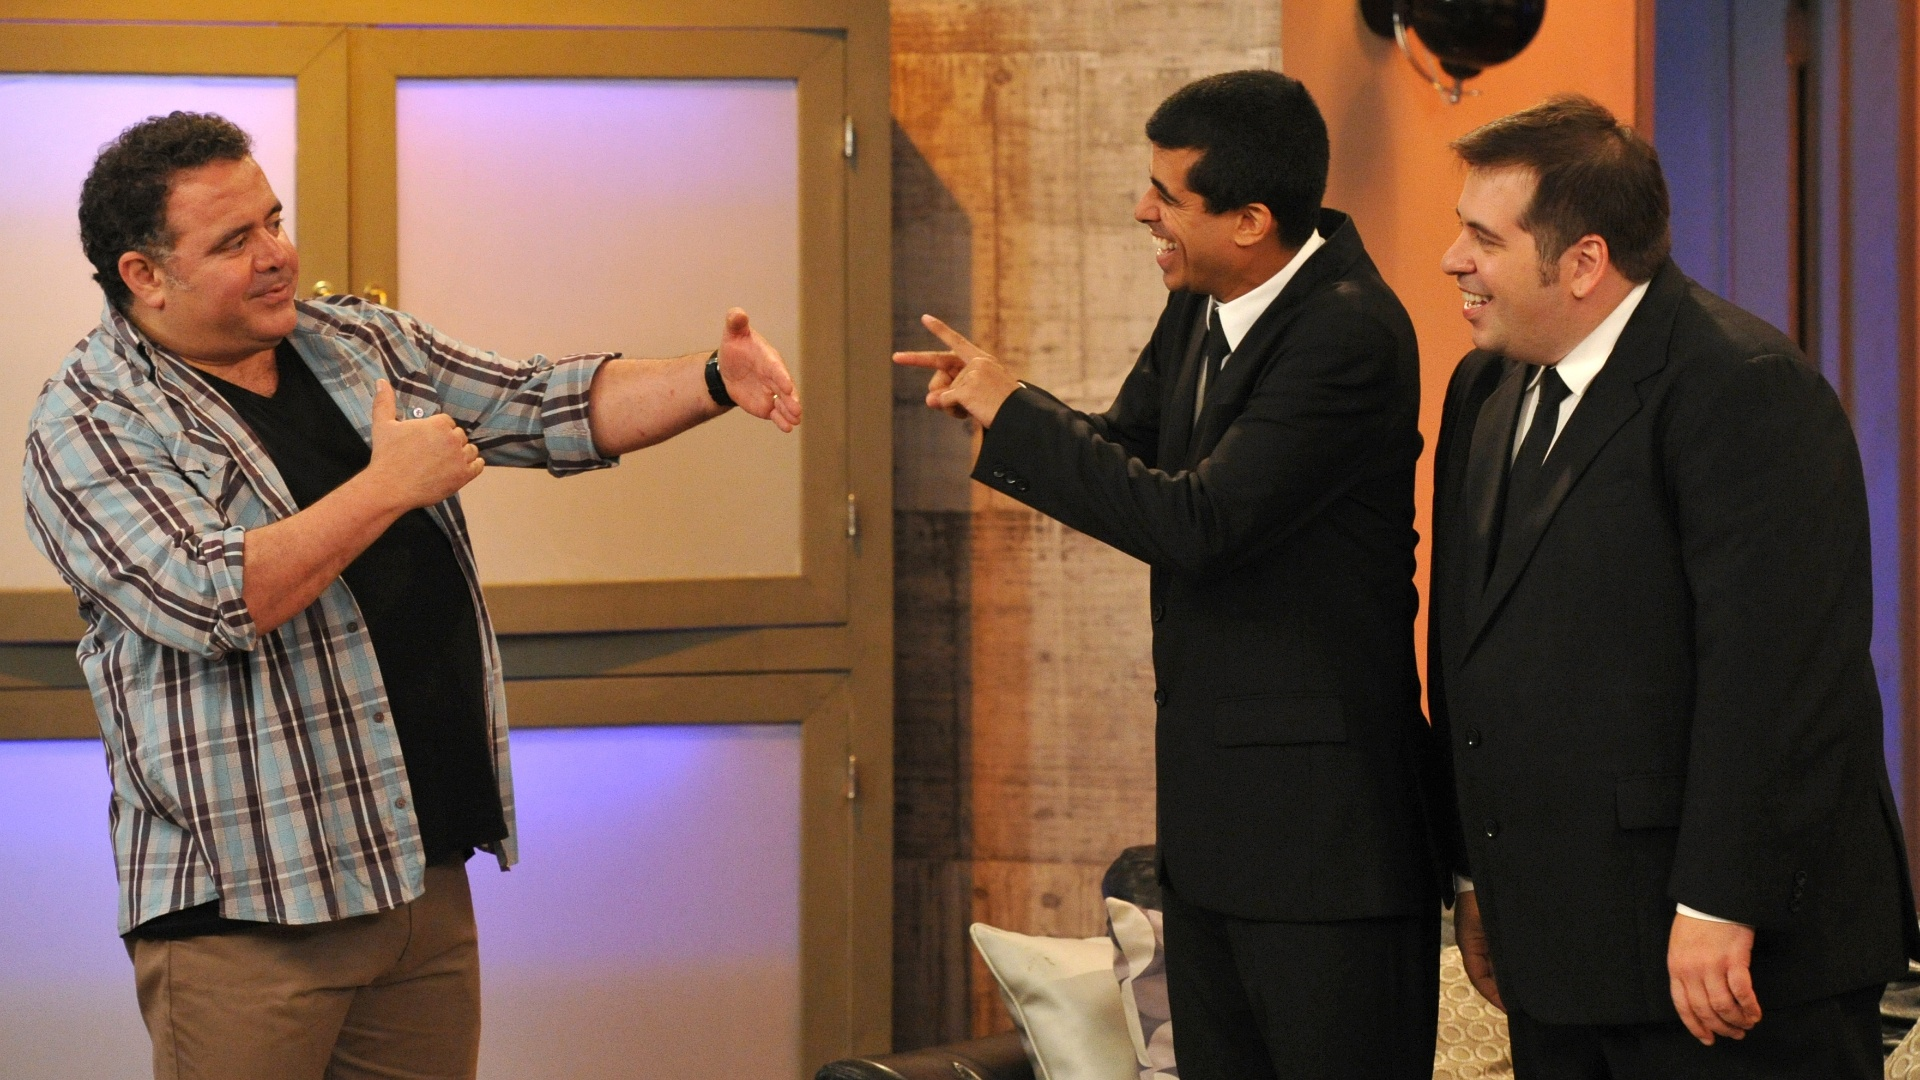 Da esquerda para a direita, Léo Jaime, Marcius Melhem e Leandro Hassum em cena de